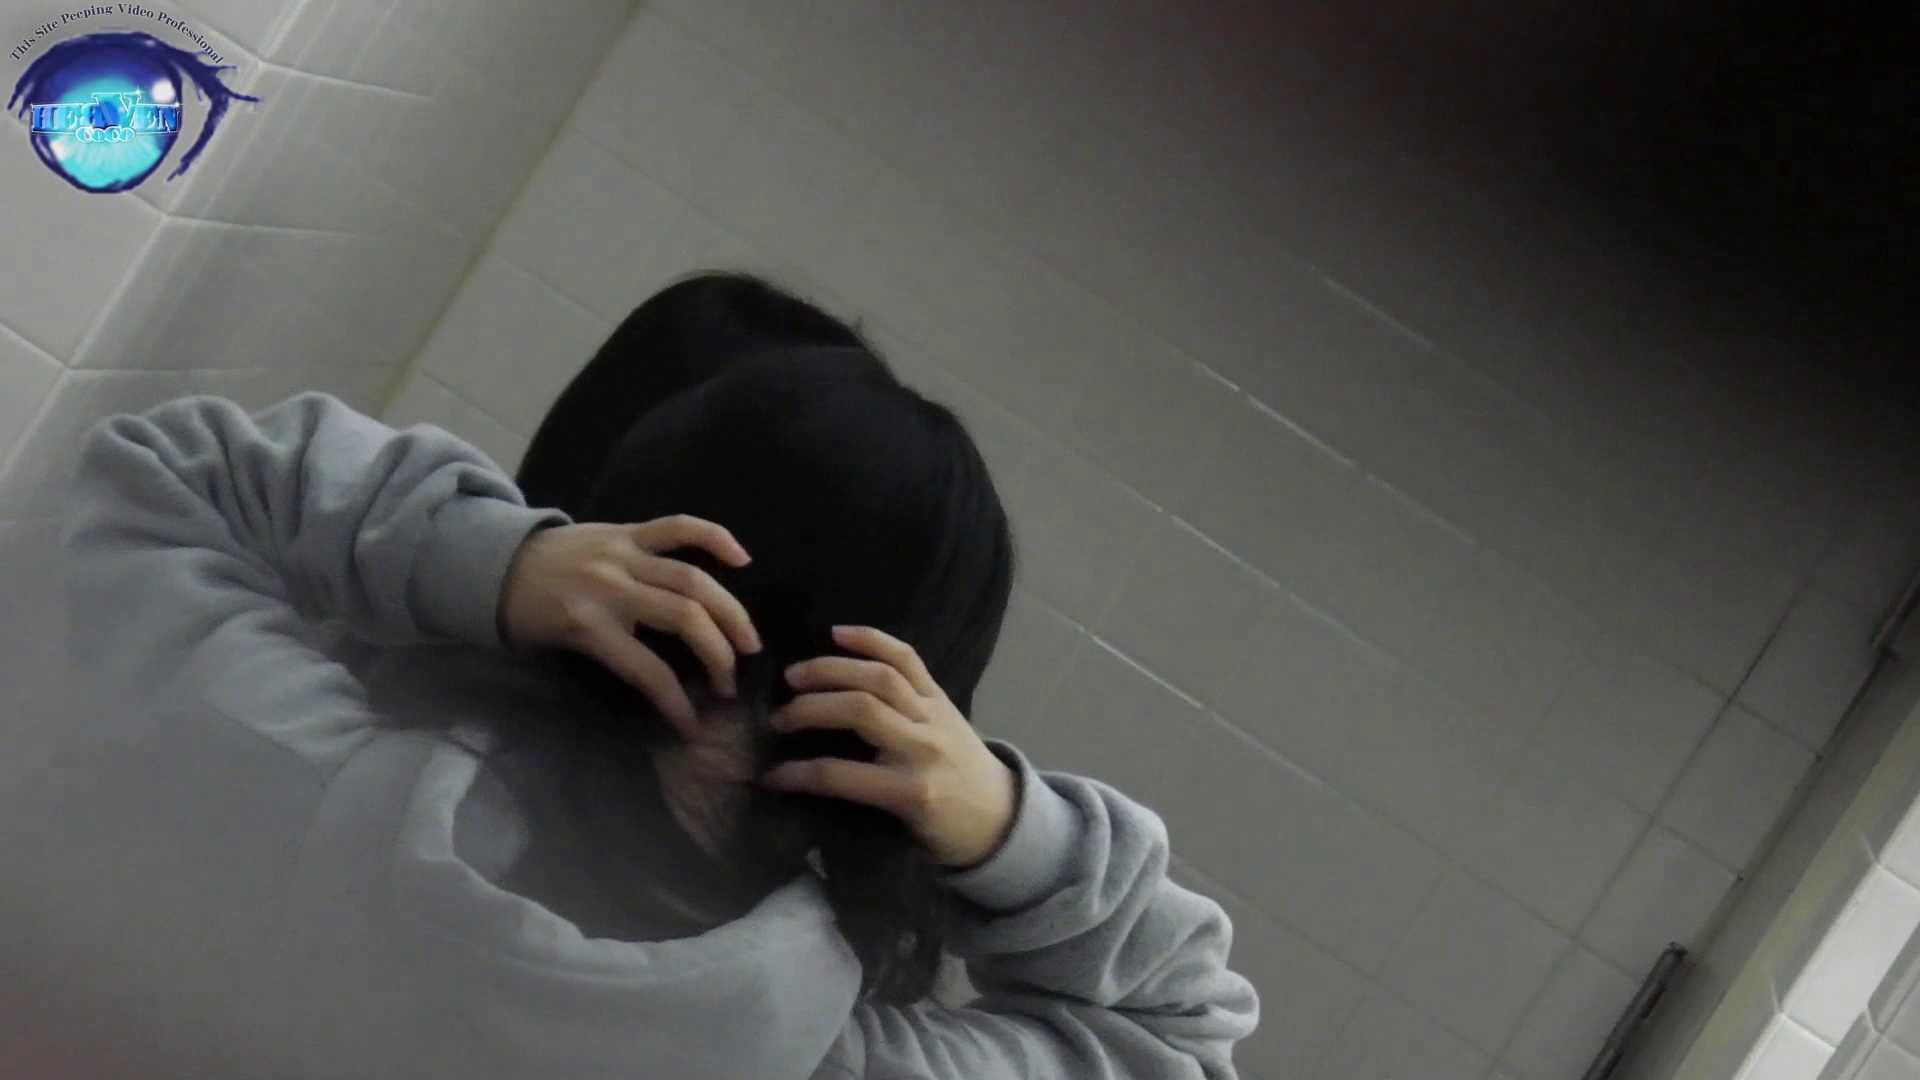 お銀さん vol.59 ピンチ!!「鏡の前で祈る女性」にばれる危機 後編 0  77連発 38